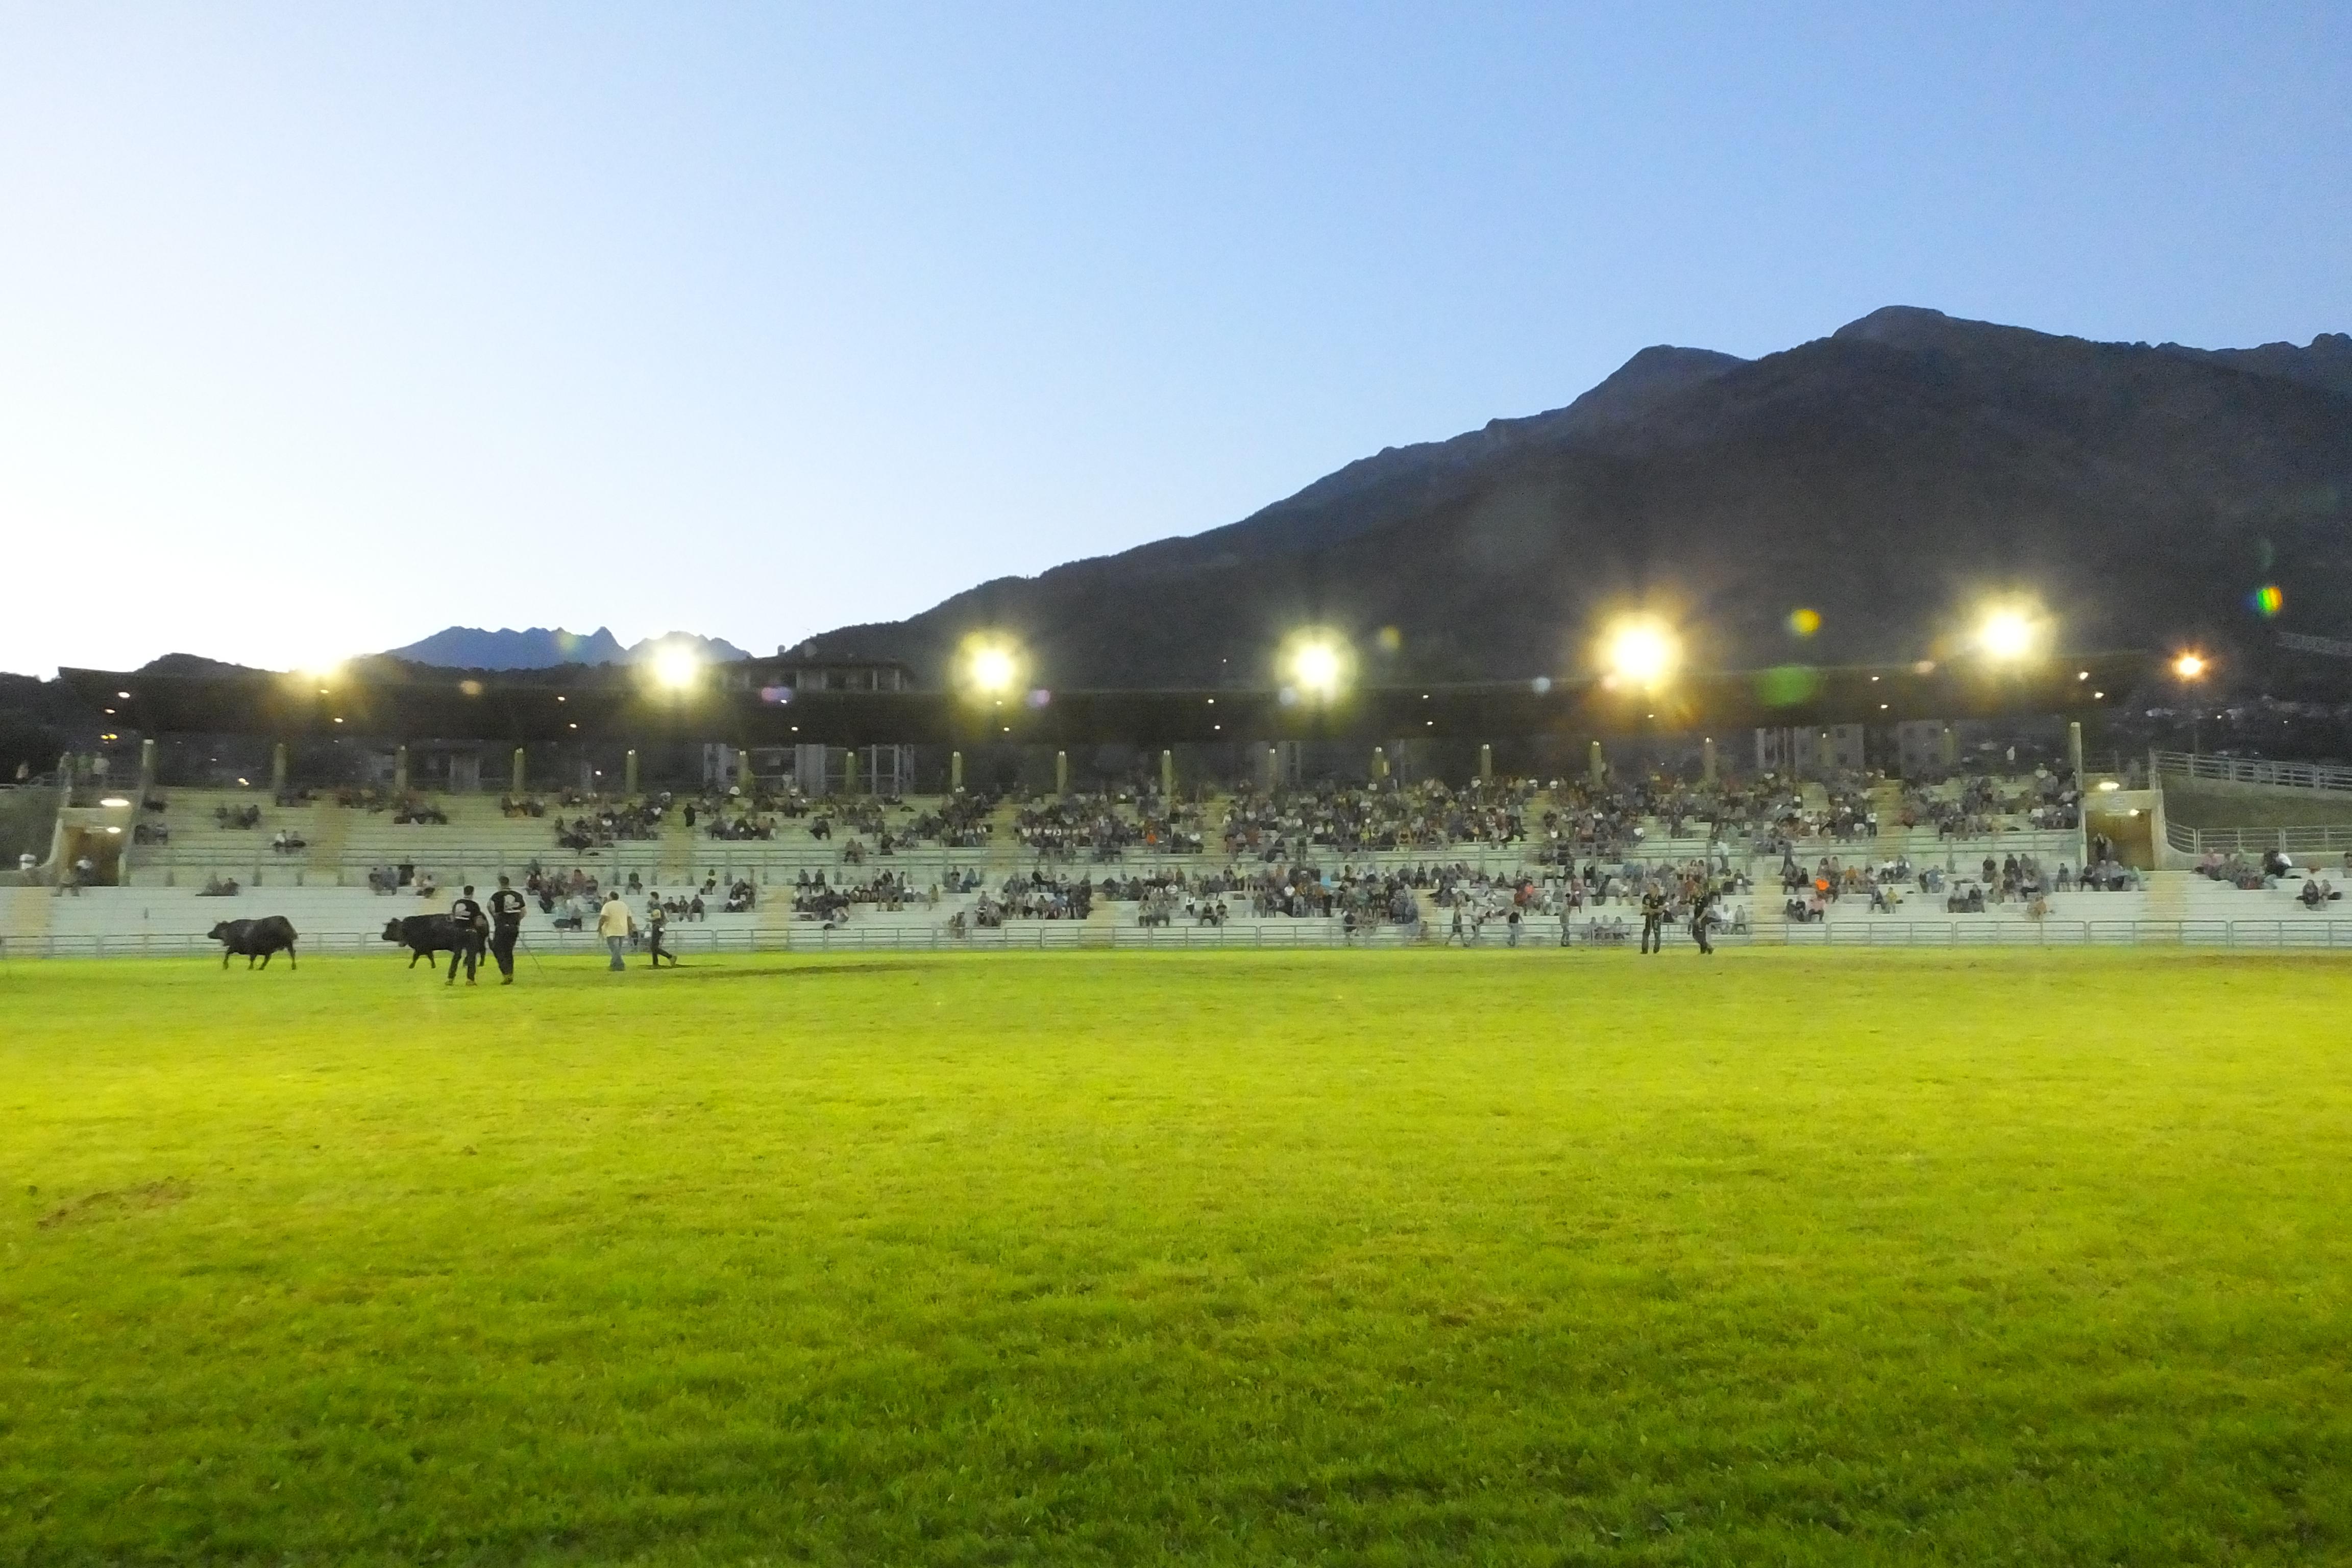 Eliminatoria del 15 agosto 2019 di Aosta